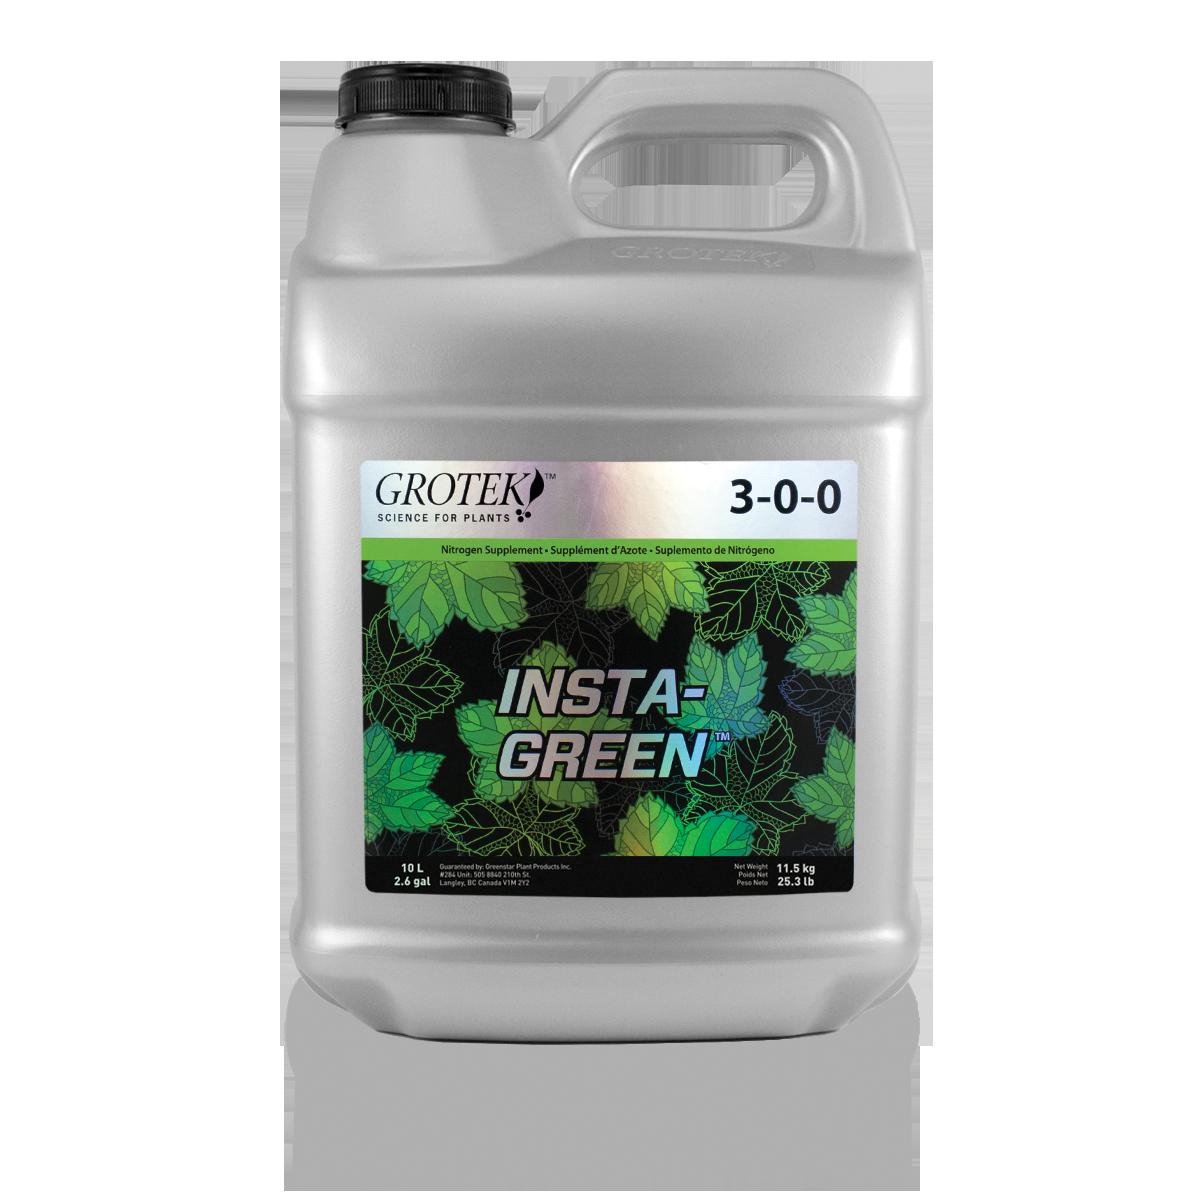 Grotek Grotek - Insta-Green